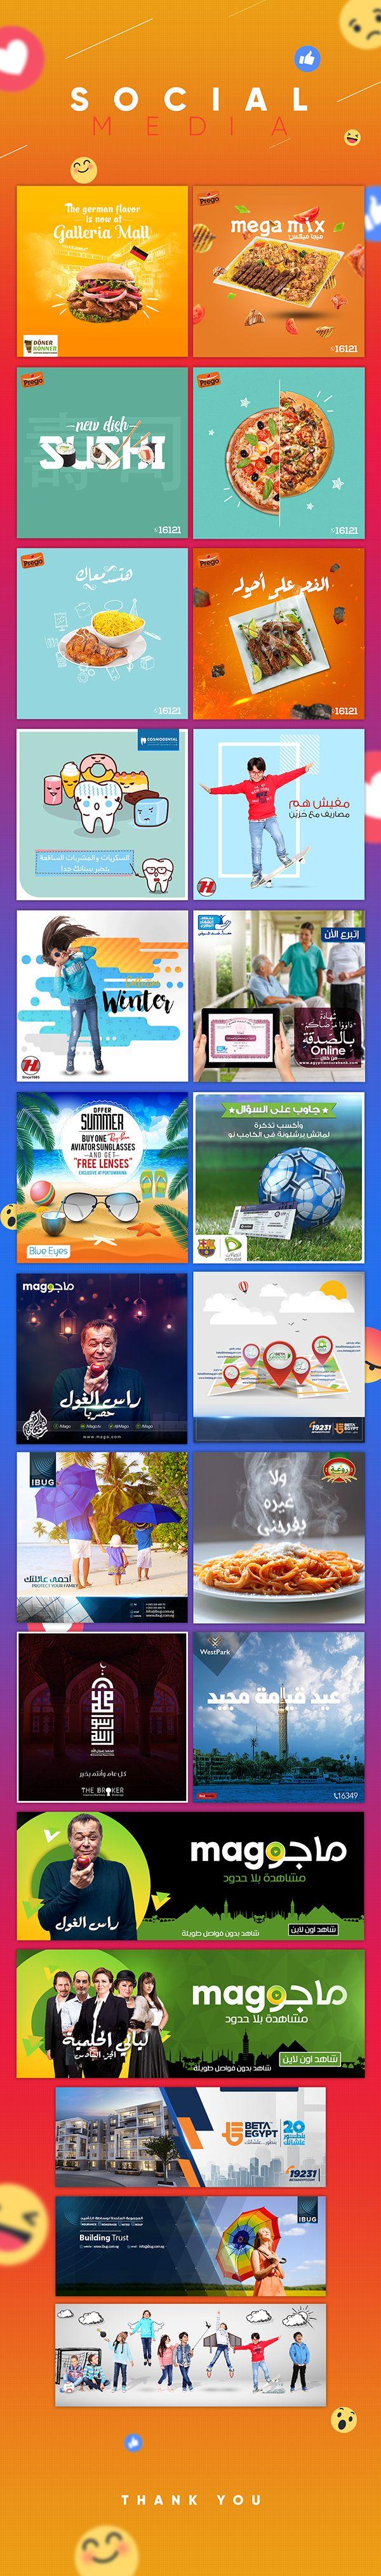 Social Media Design 2016 - 2017